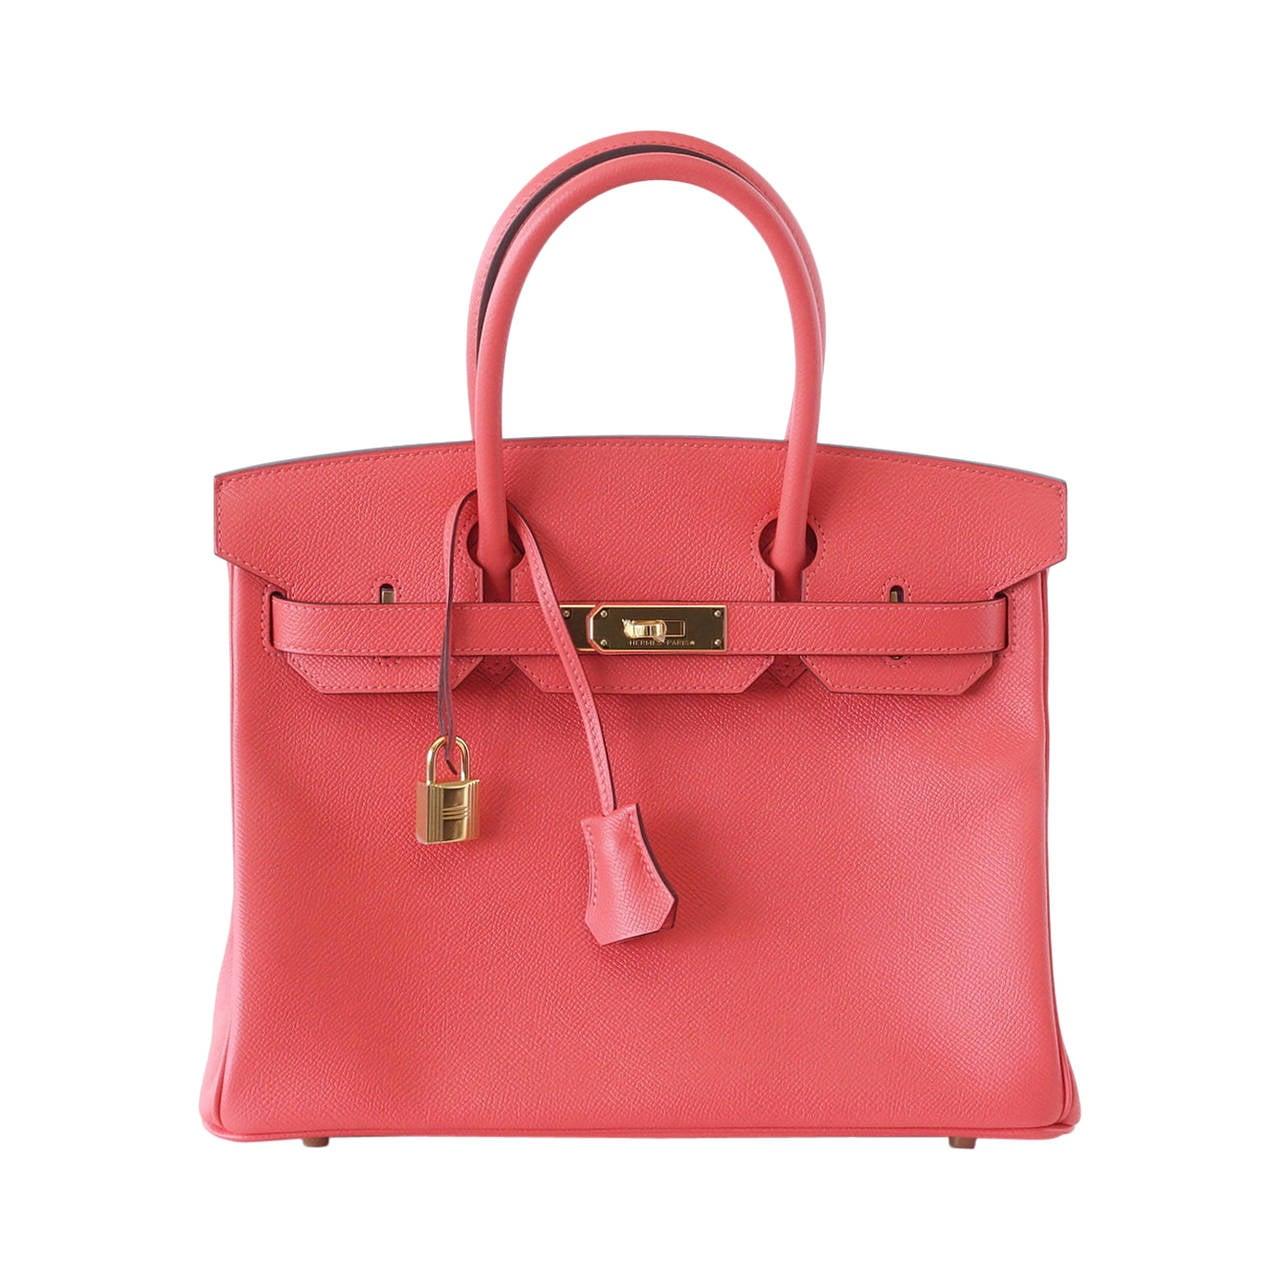 hermes alligator bag - HERMES BIRKIN 30 bag exquisite ROSE JAIPUR epsom gold hardware For ...